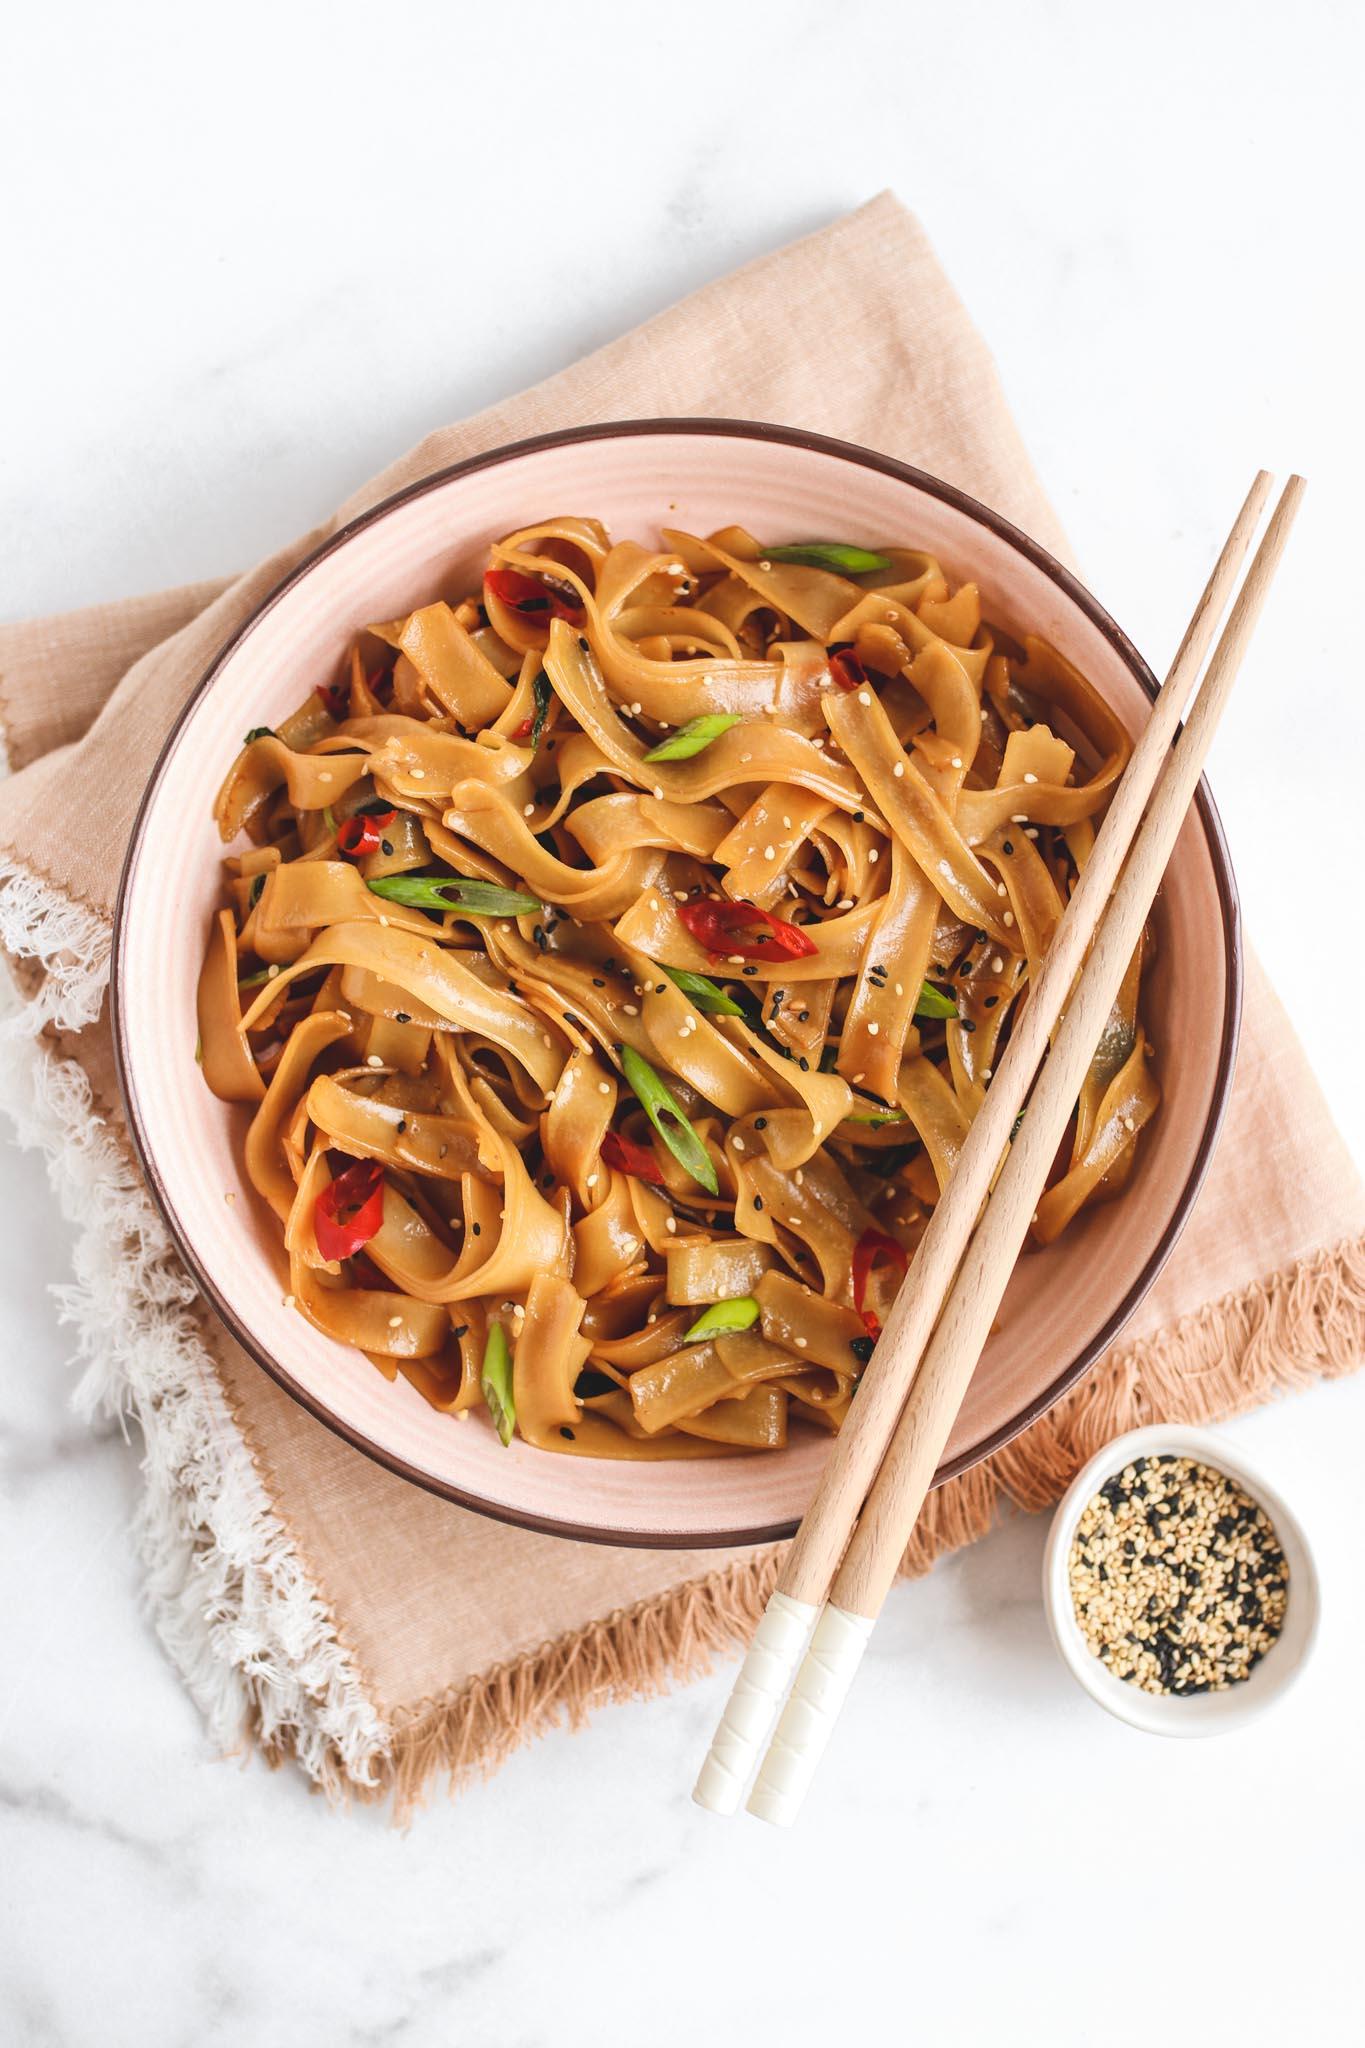 veggiekins sweet and spicy noodles